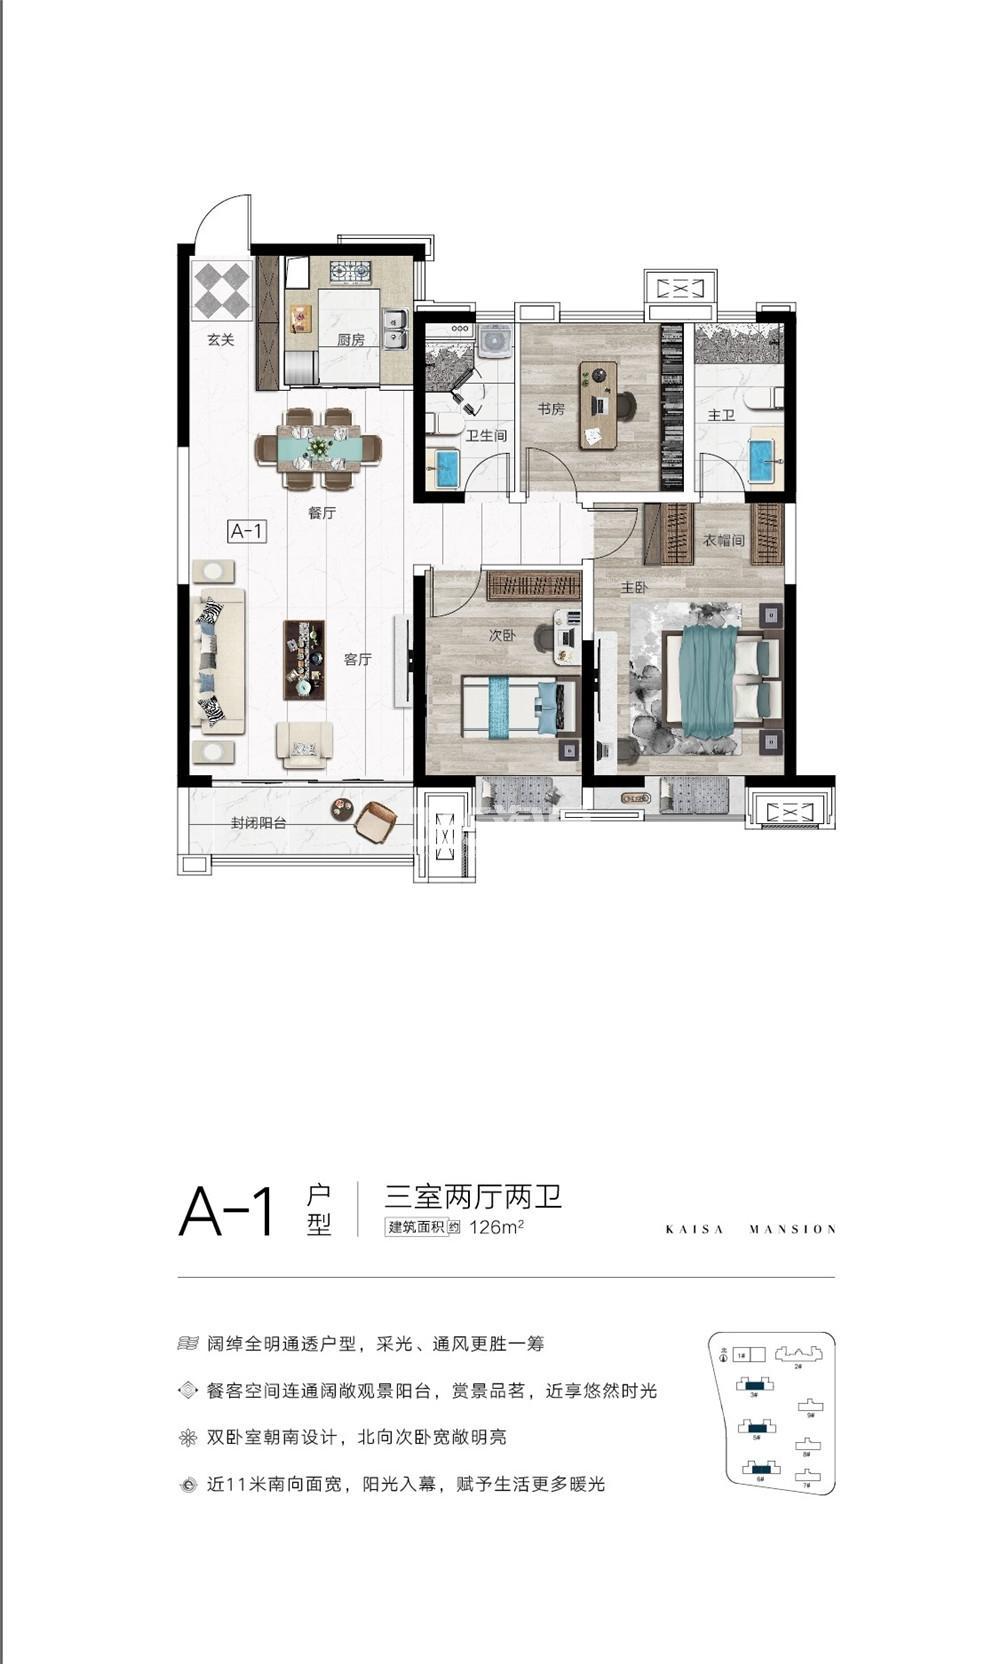 佳兆业悦峰A—1户型三室两厅两卫 126㎡